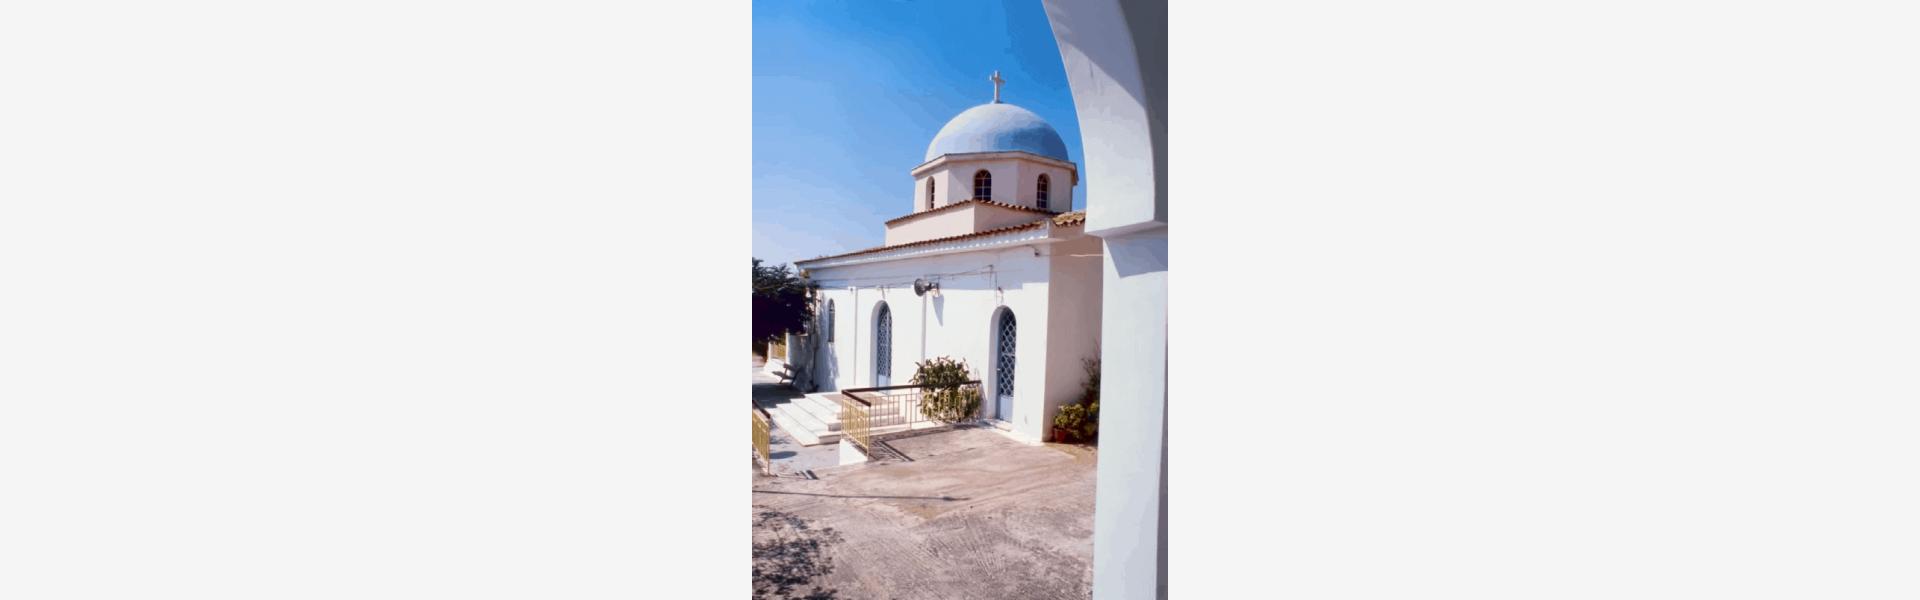 Ιερός ναός Αγίου Φανουρίου